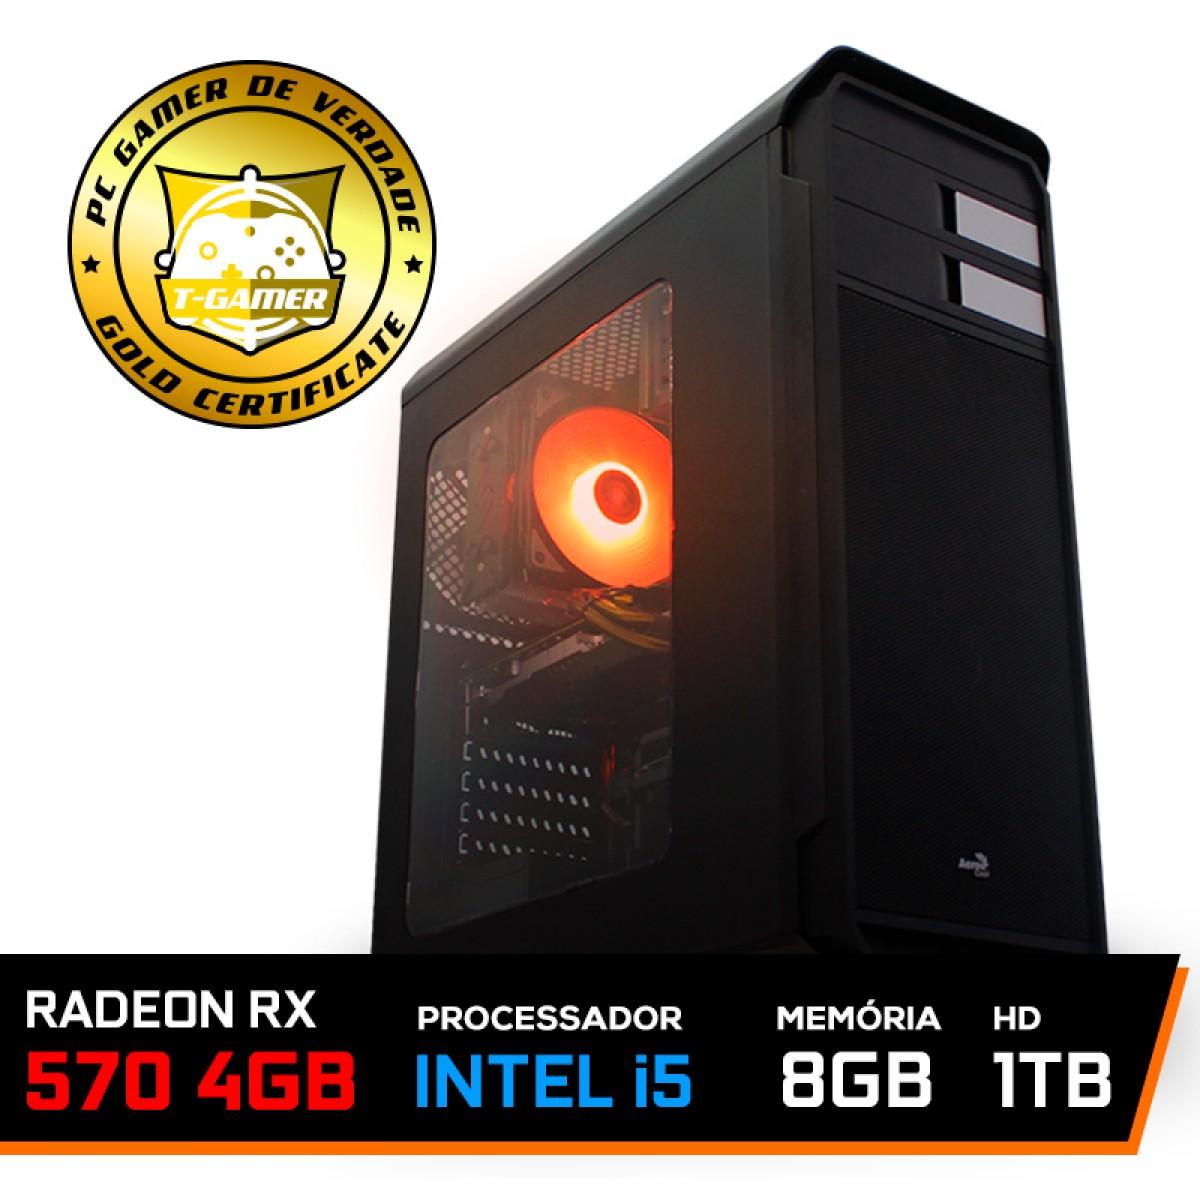 Pc Gamer Maximus Lvl-2 Intel i5 9600KF / Radeon RX 570 4GB / DDR4 8GB / HD 1TB / 500W